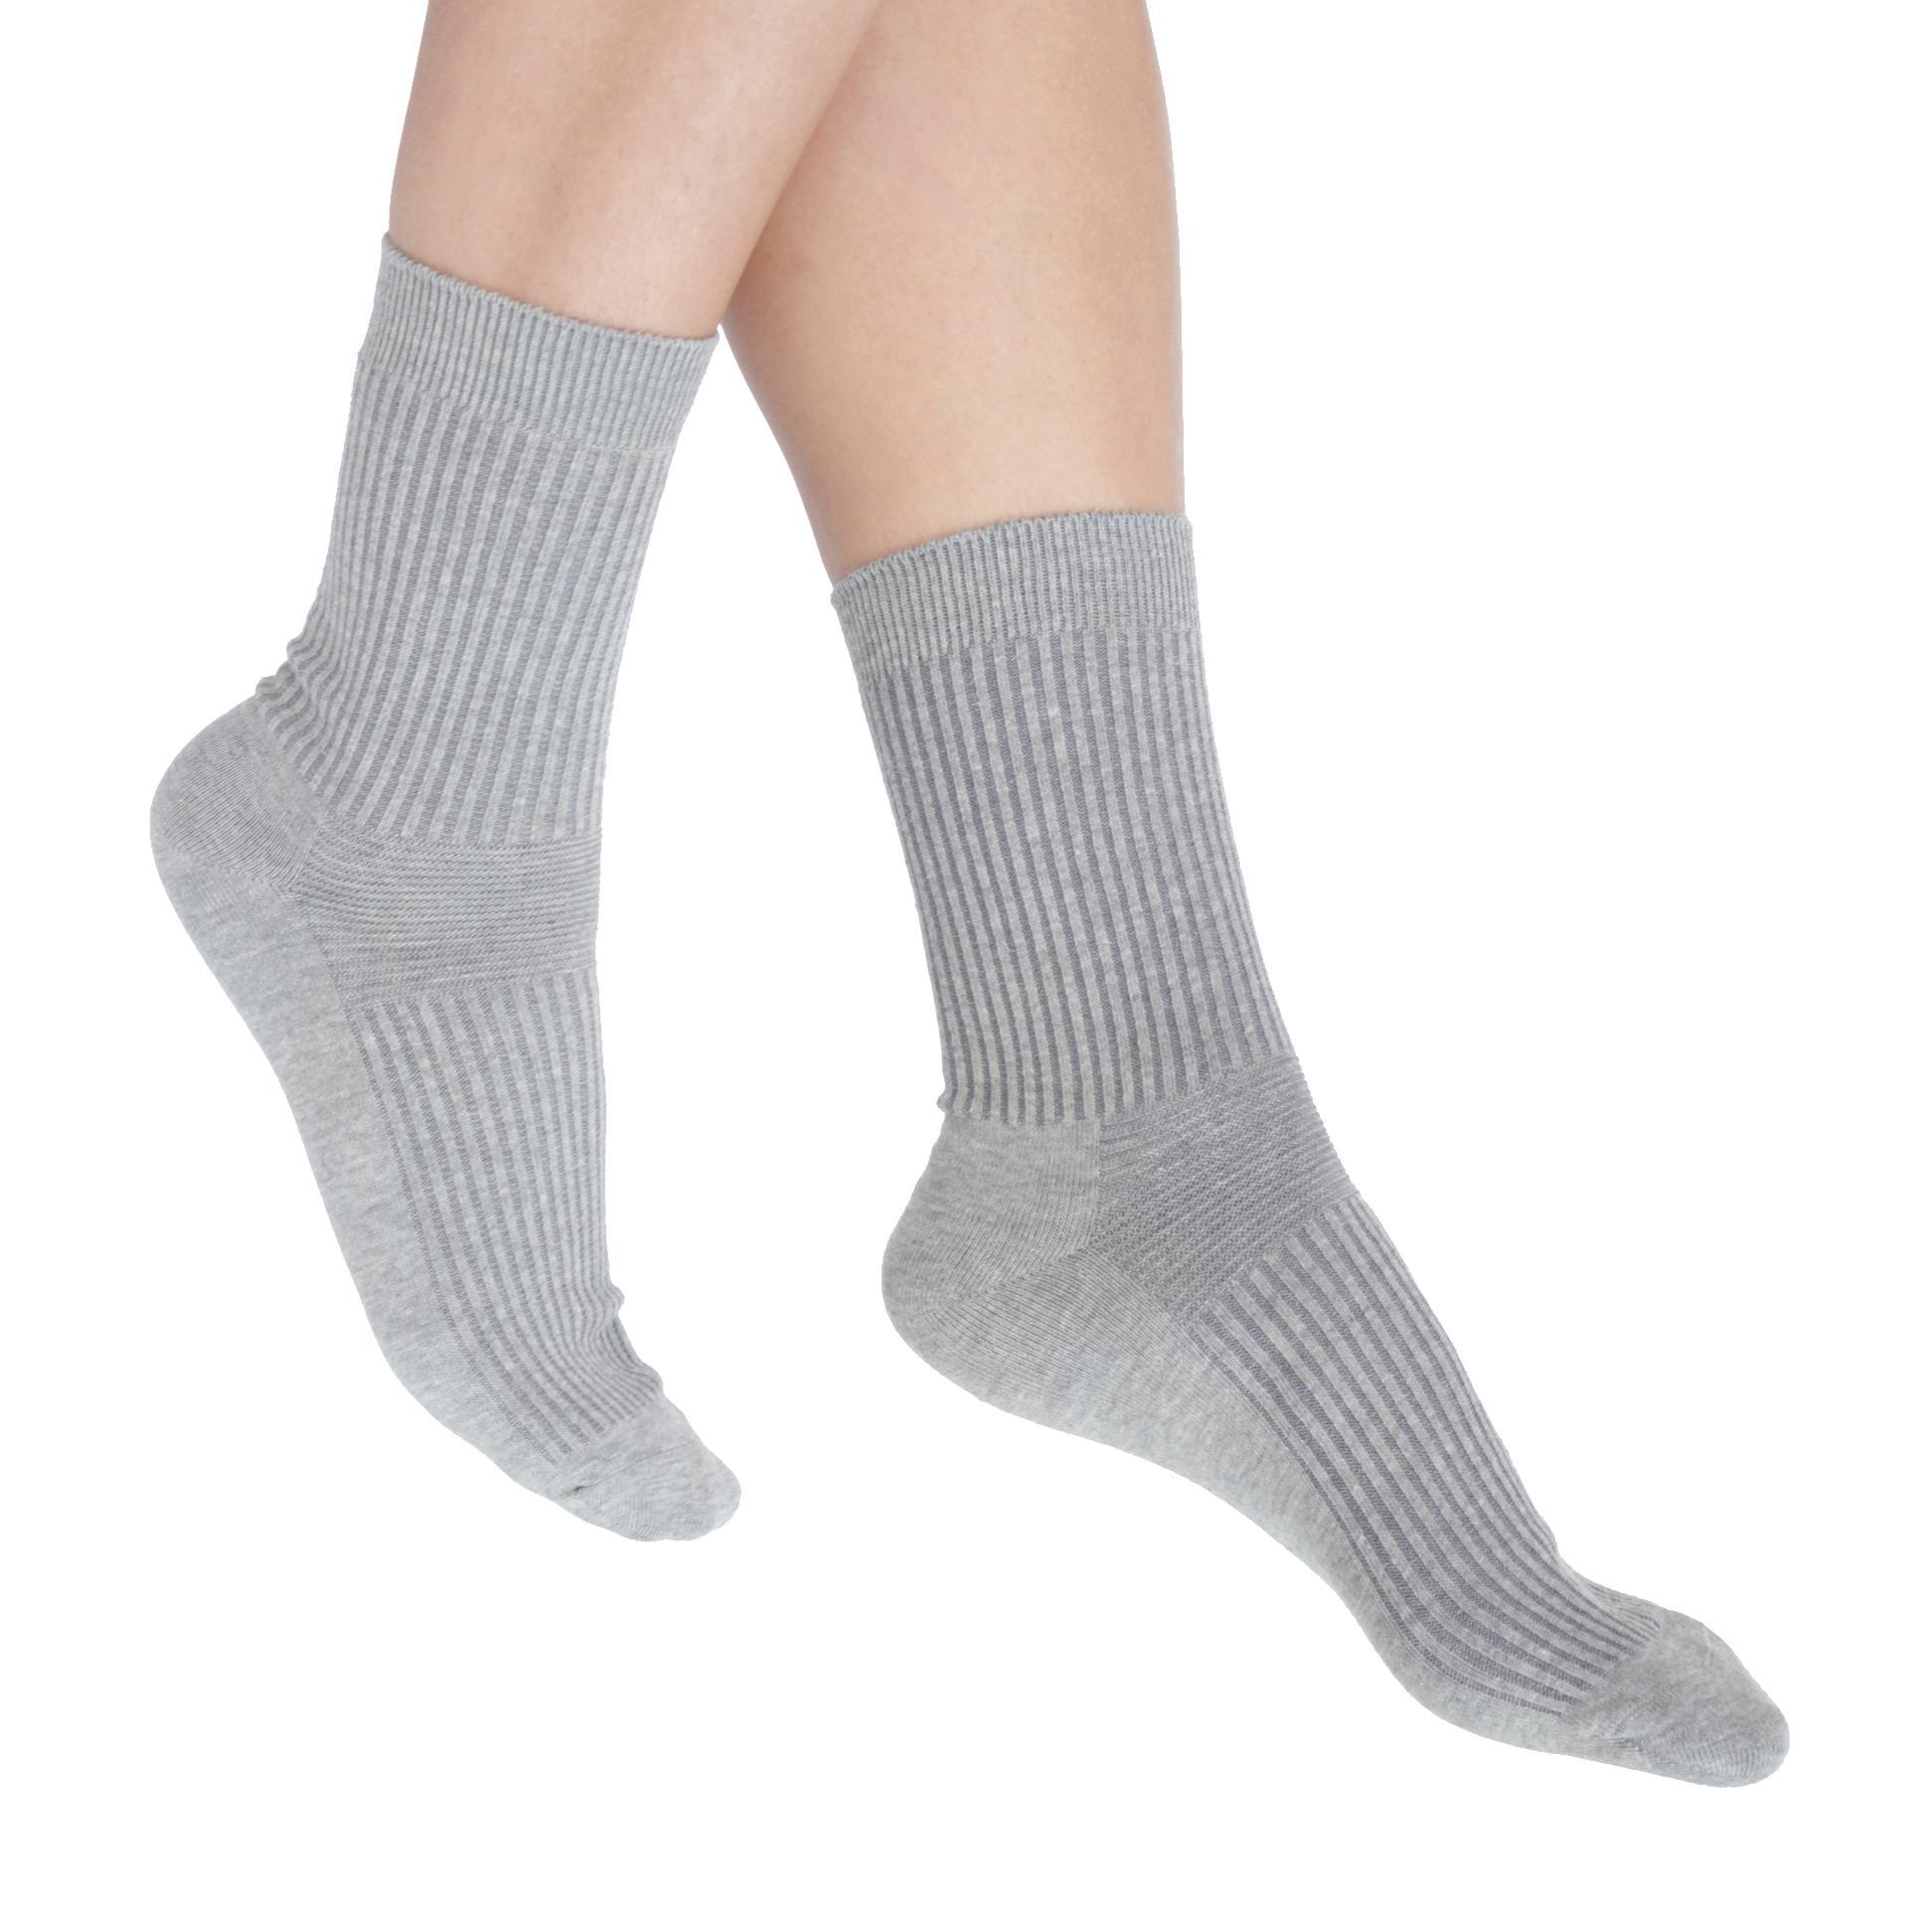 Natural Relief Socks (Grey) (Pair 2-Pack)